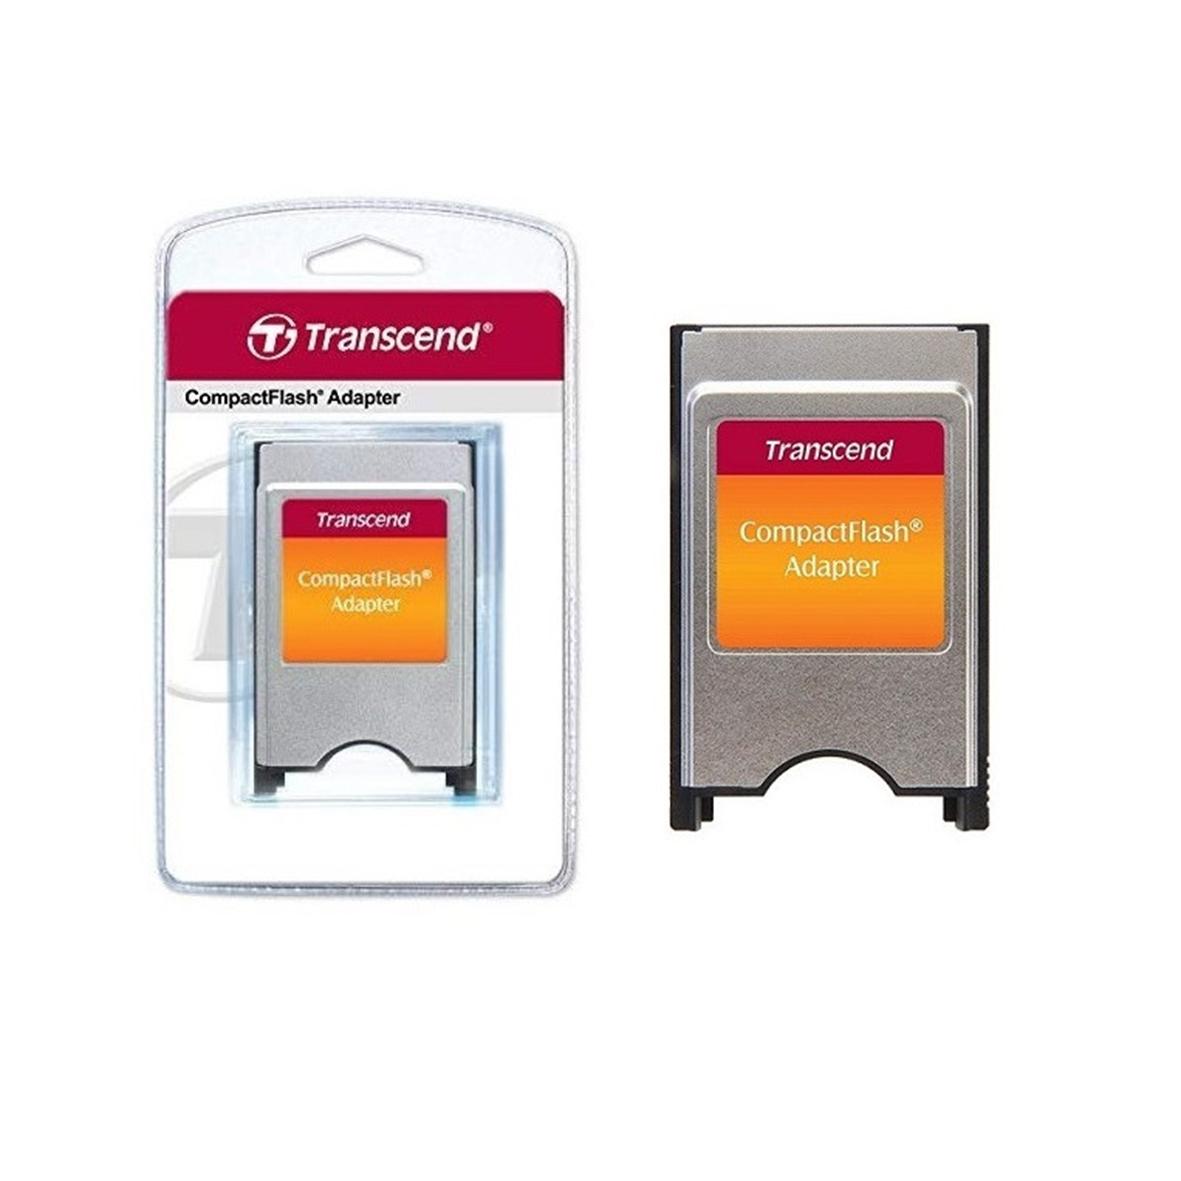 Đầu đọc thẻ nhớ CF sang PCMCIA Transcend - CF Compact Flash PCMCIA